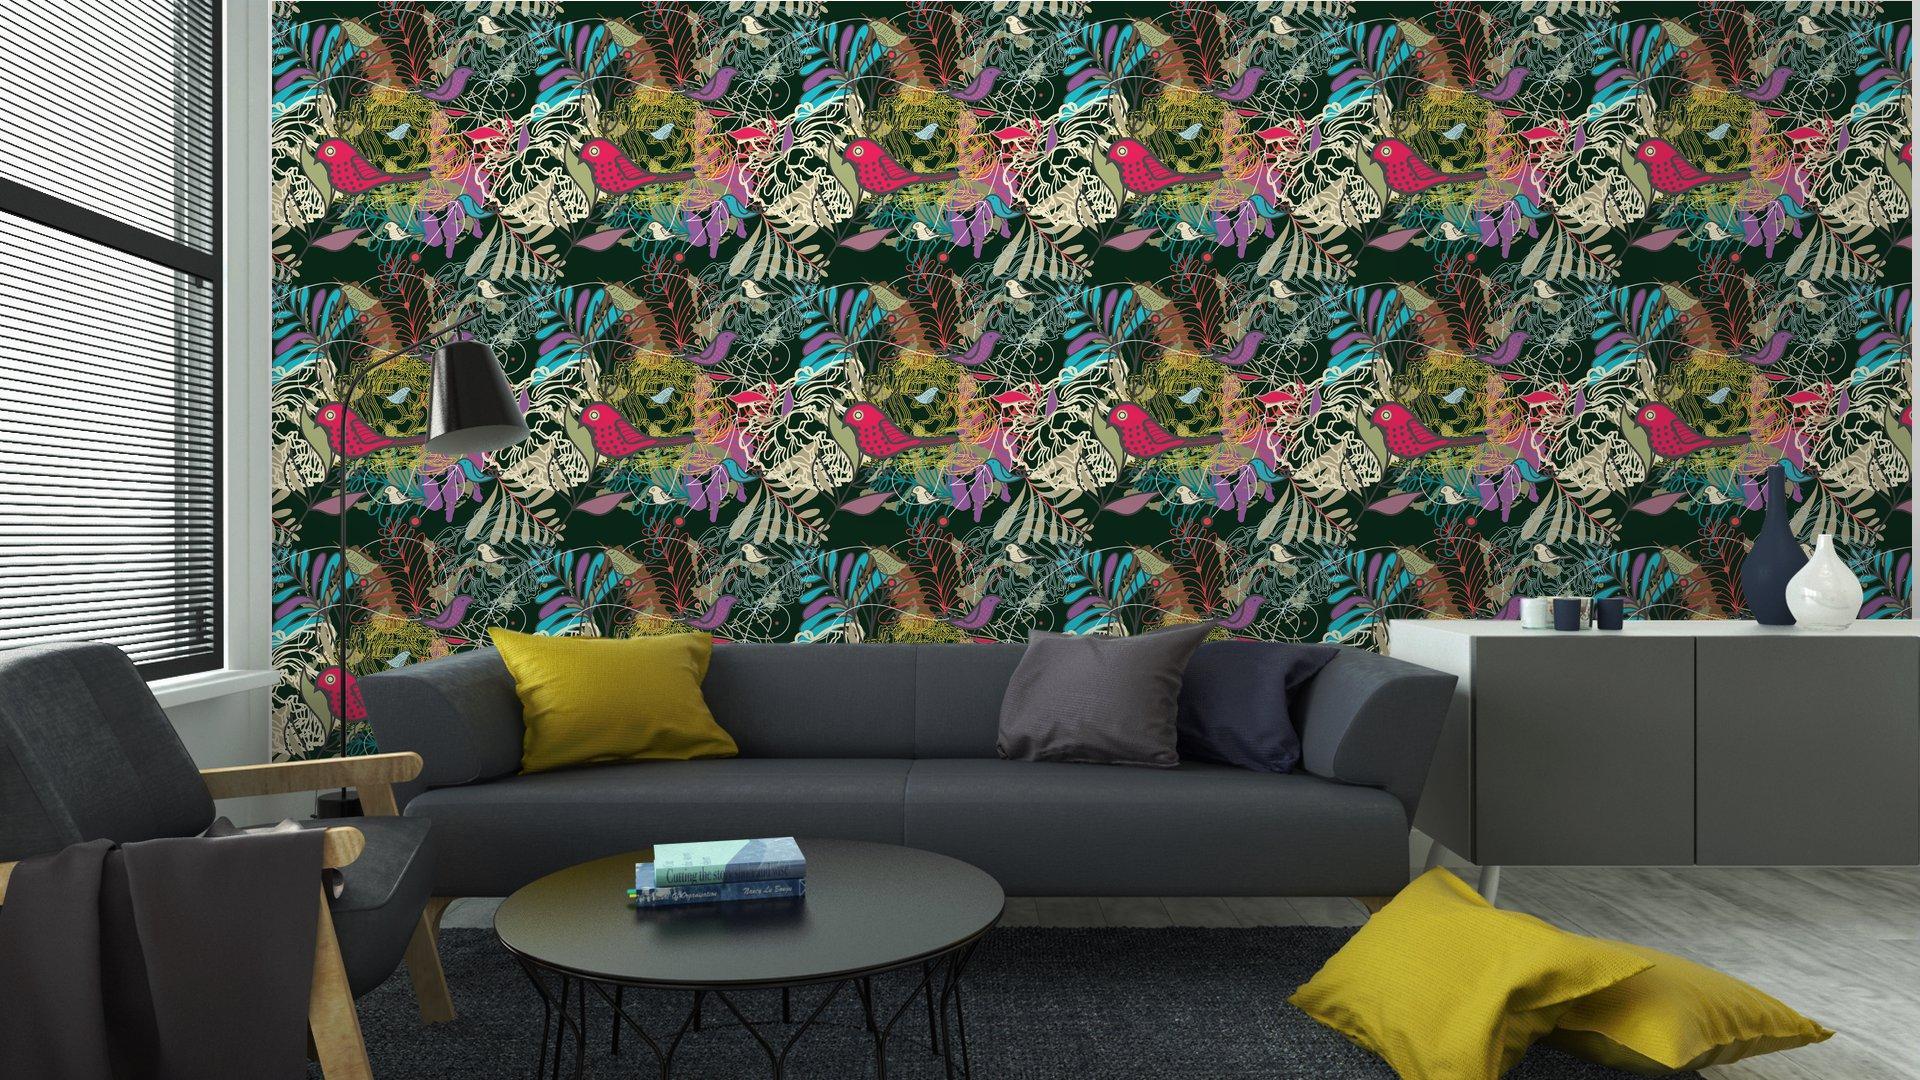 Fotomurales mexico papeles pintados autoadhesivos sin fisuras vector patron 6 - PapelTapizPatrón Floral Abstracto con Aves 01